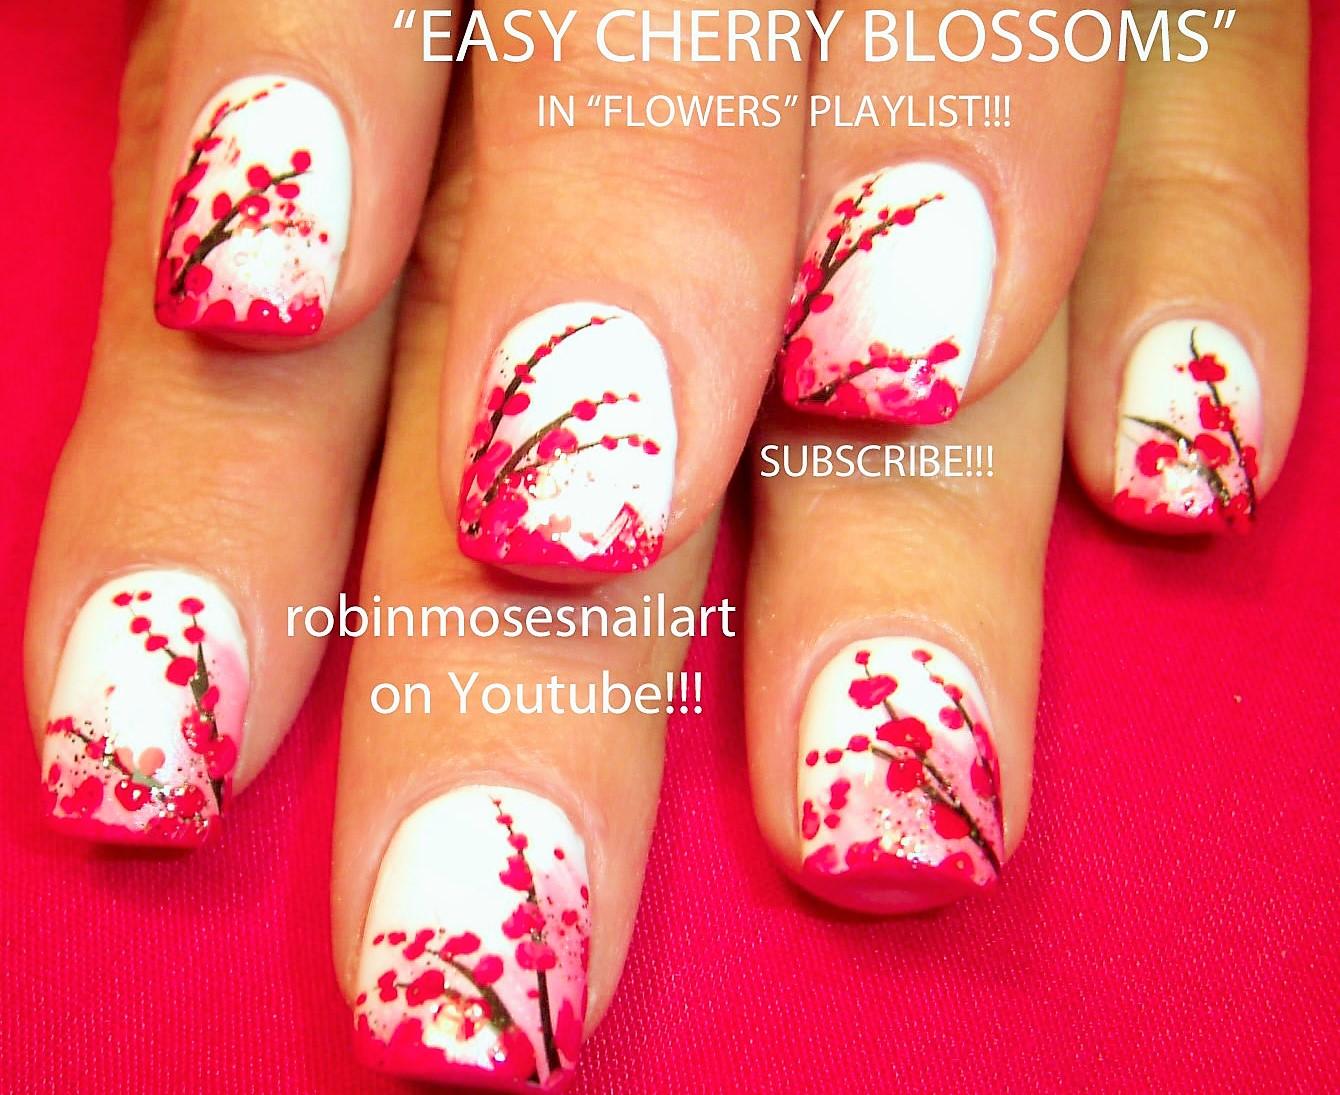 Flower Nail Art Cherry Blossom Nails